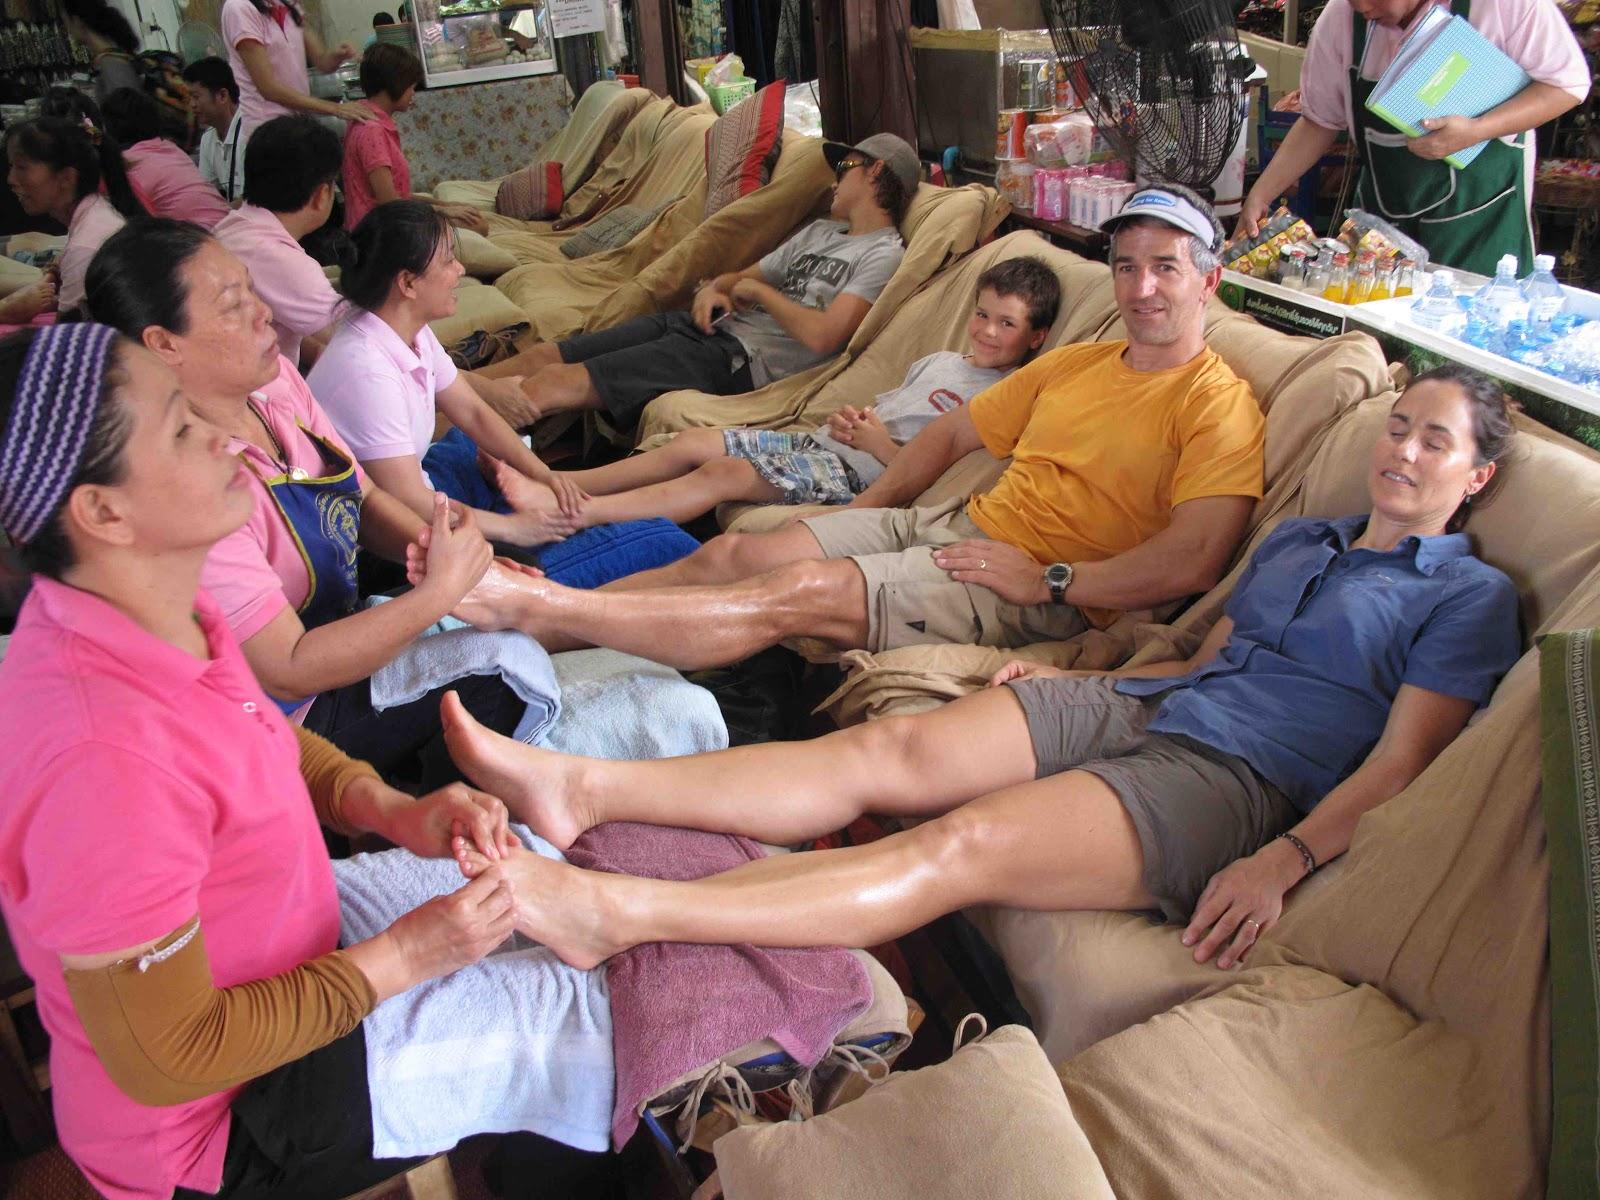 http://1.bp.blogspot.com/-Tns_EzqihbM/UNVzxVzyETI/AAAAAAAAAG4/qh-g47BFx_g/s1600/Foot+massage.jpg